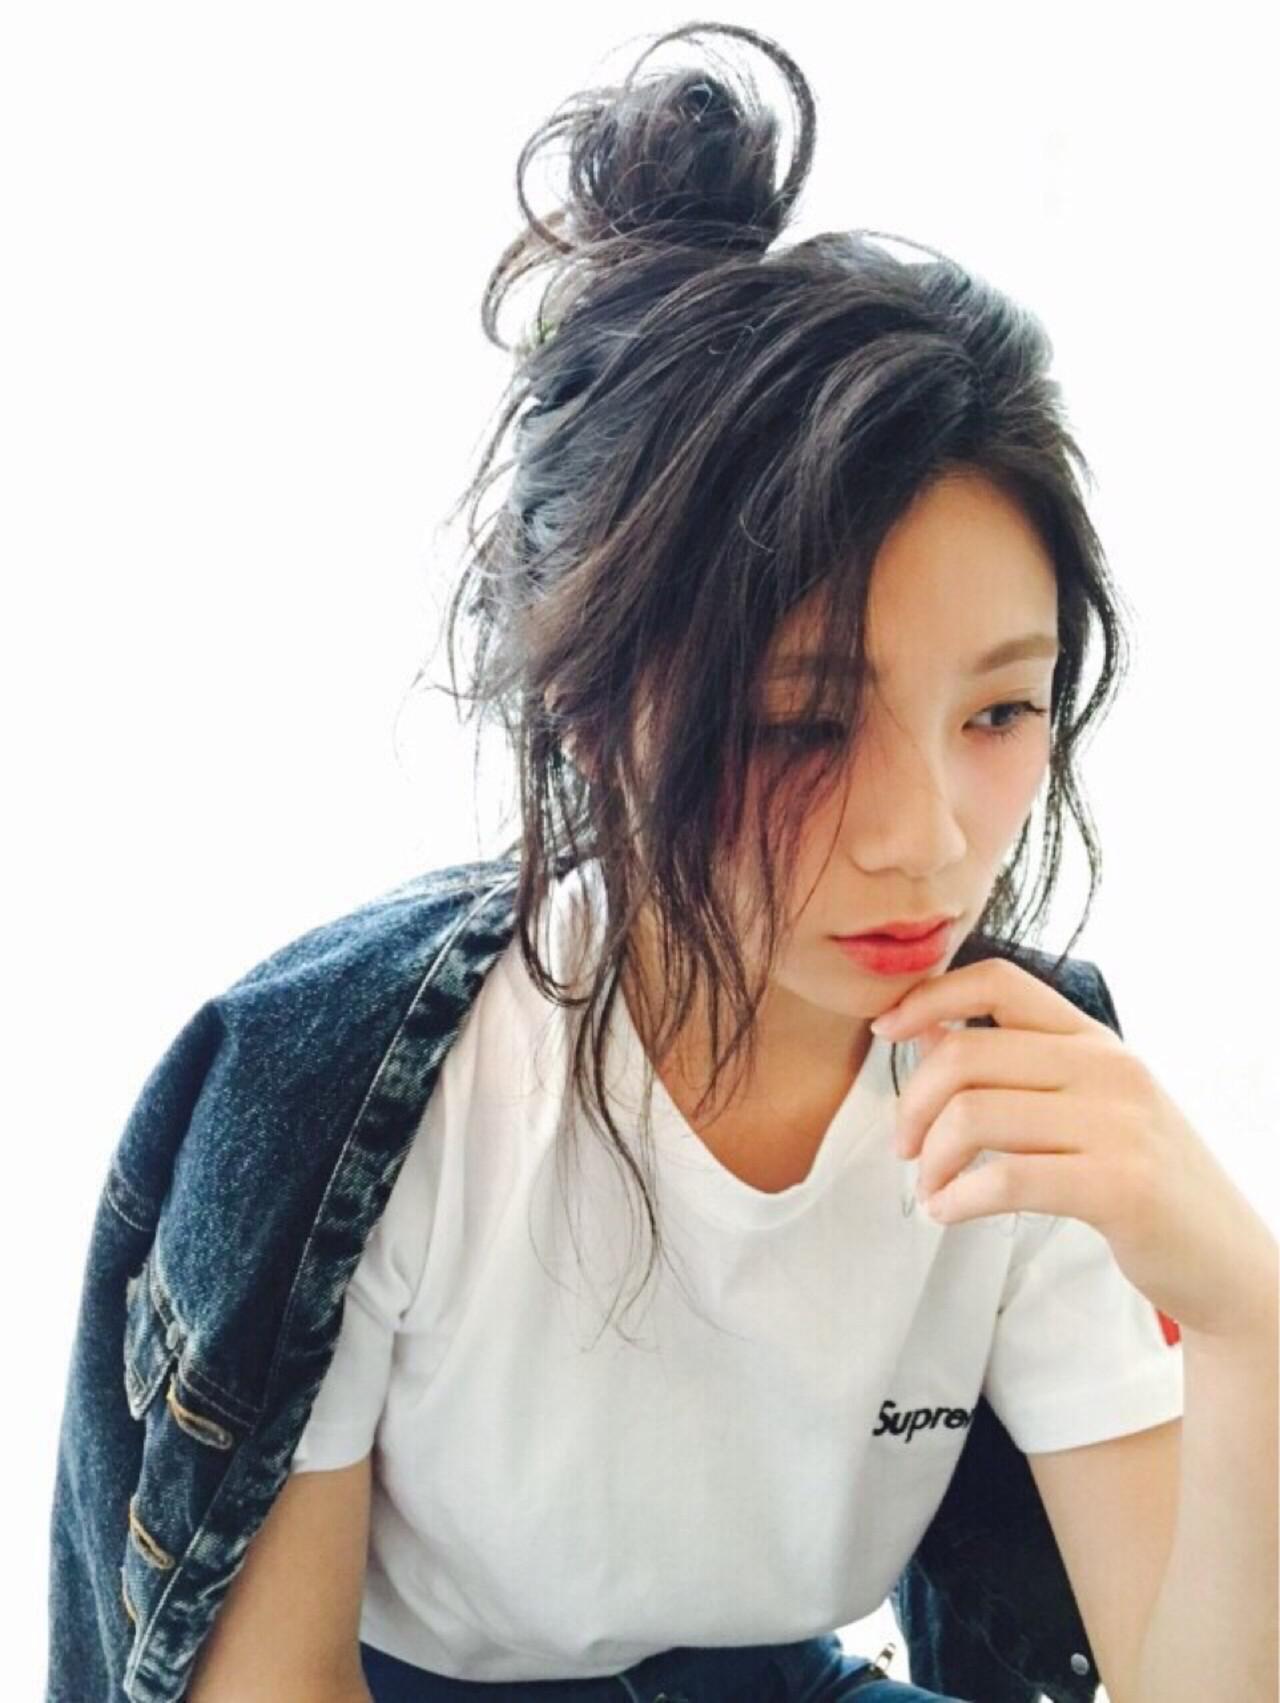 セミロング 外国人風 簡単ヘアアレンジ ストリート ヘアスタイルや髪型の写真・画像 | 青木 優香 /